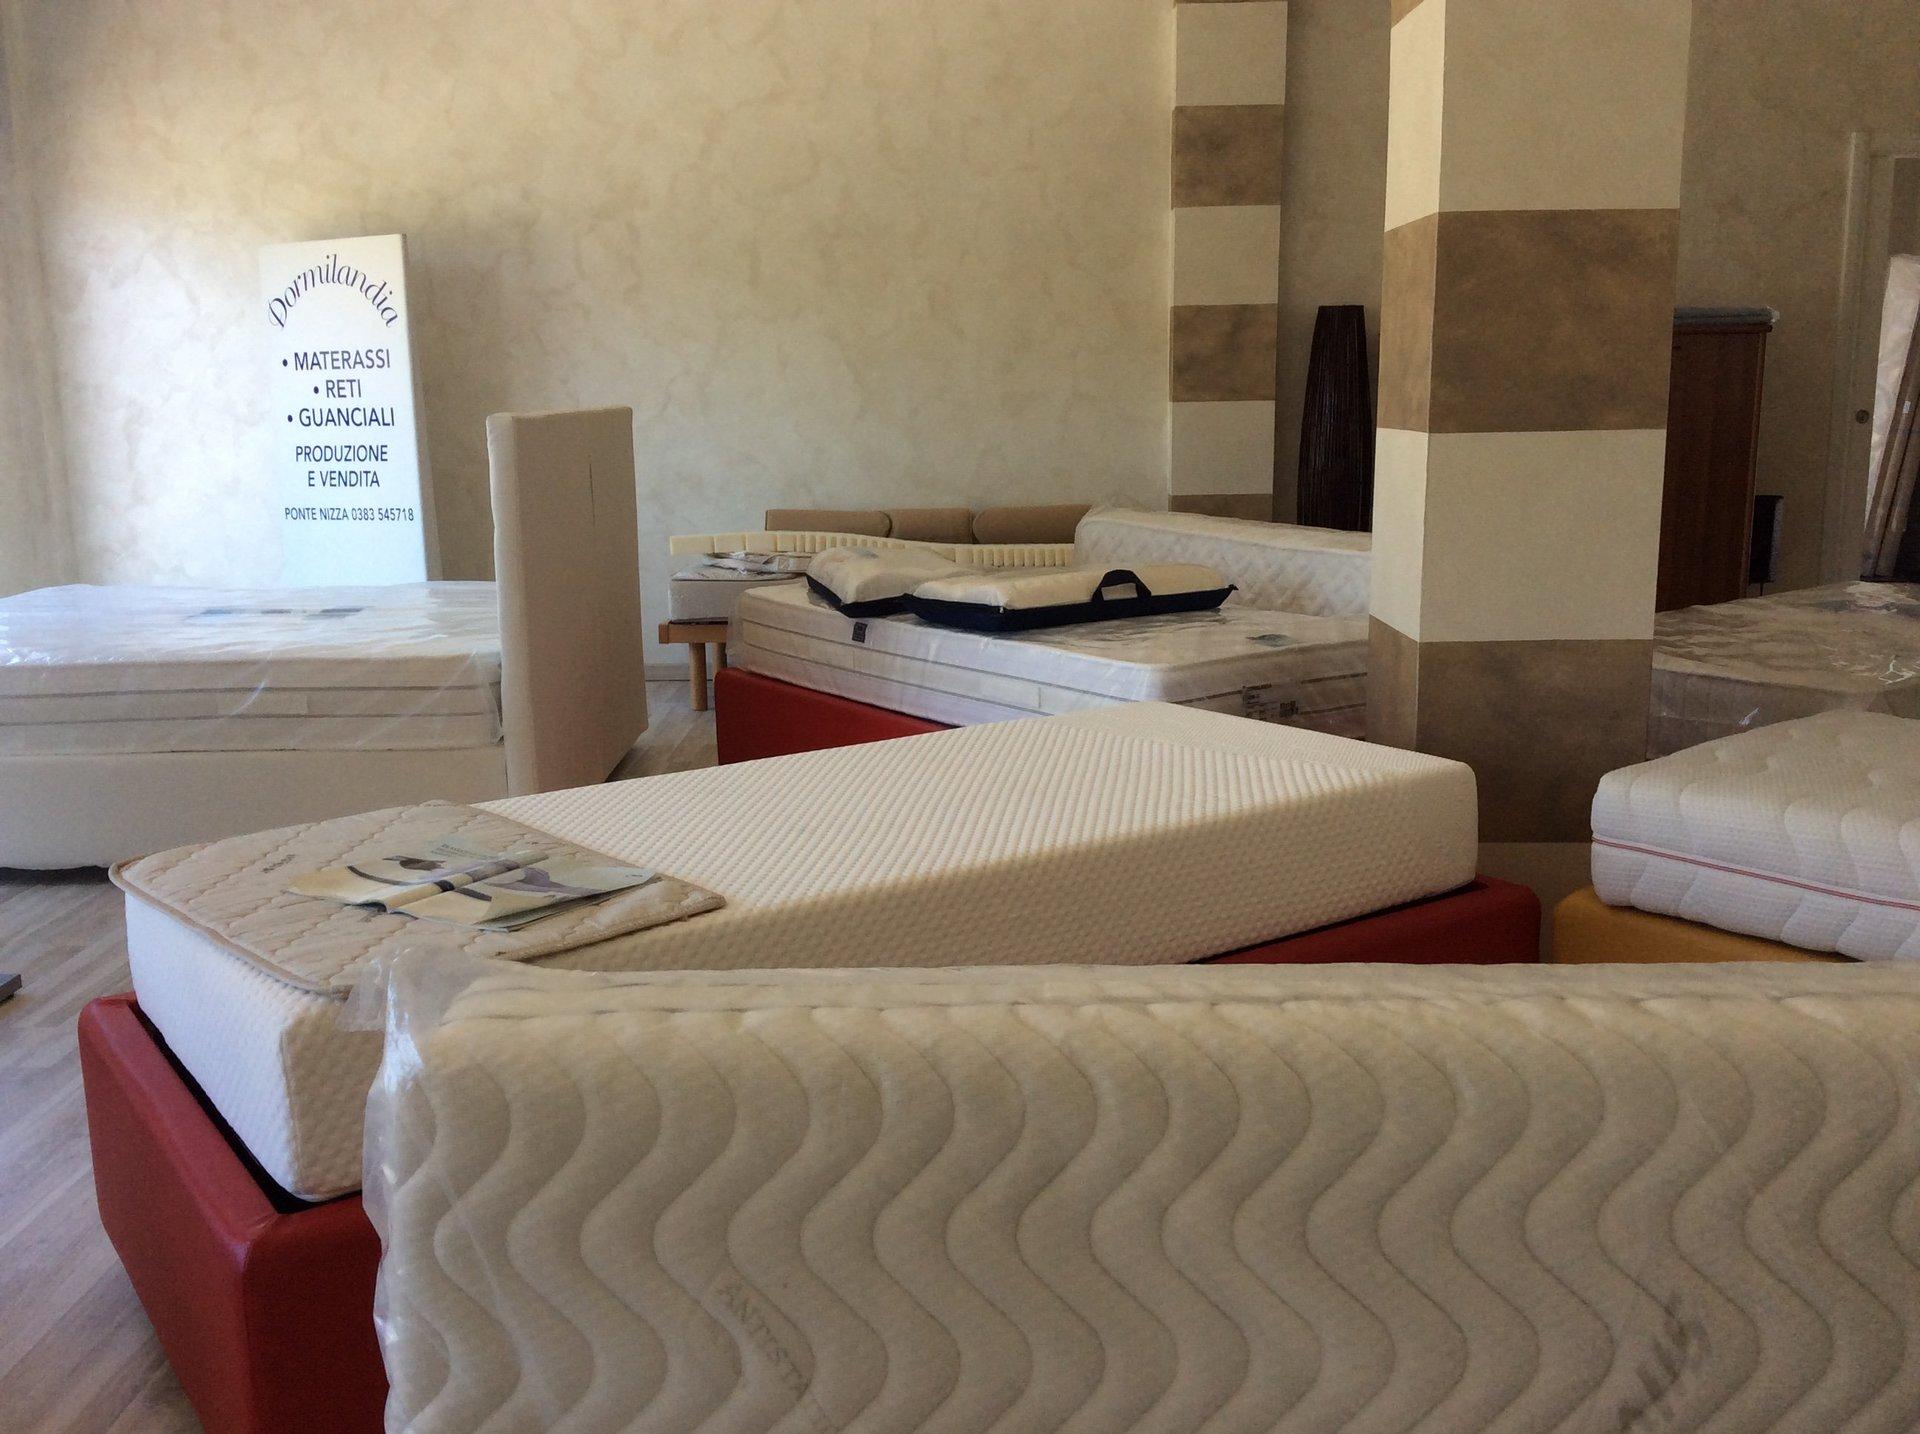 showroom con materassi in esposizione